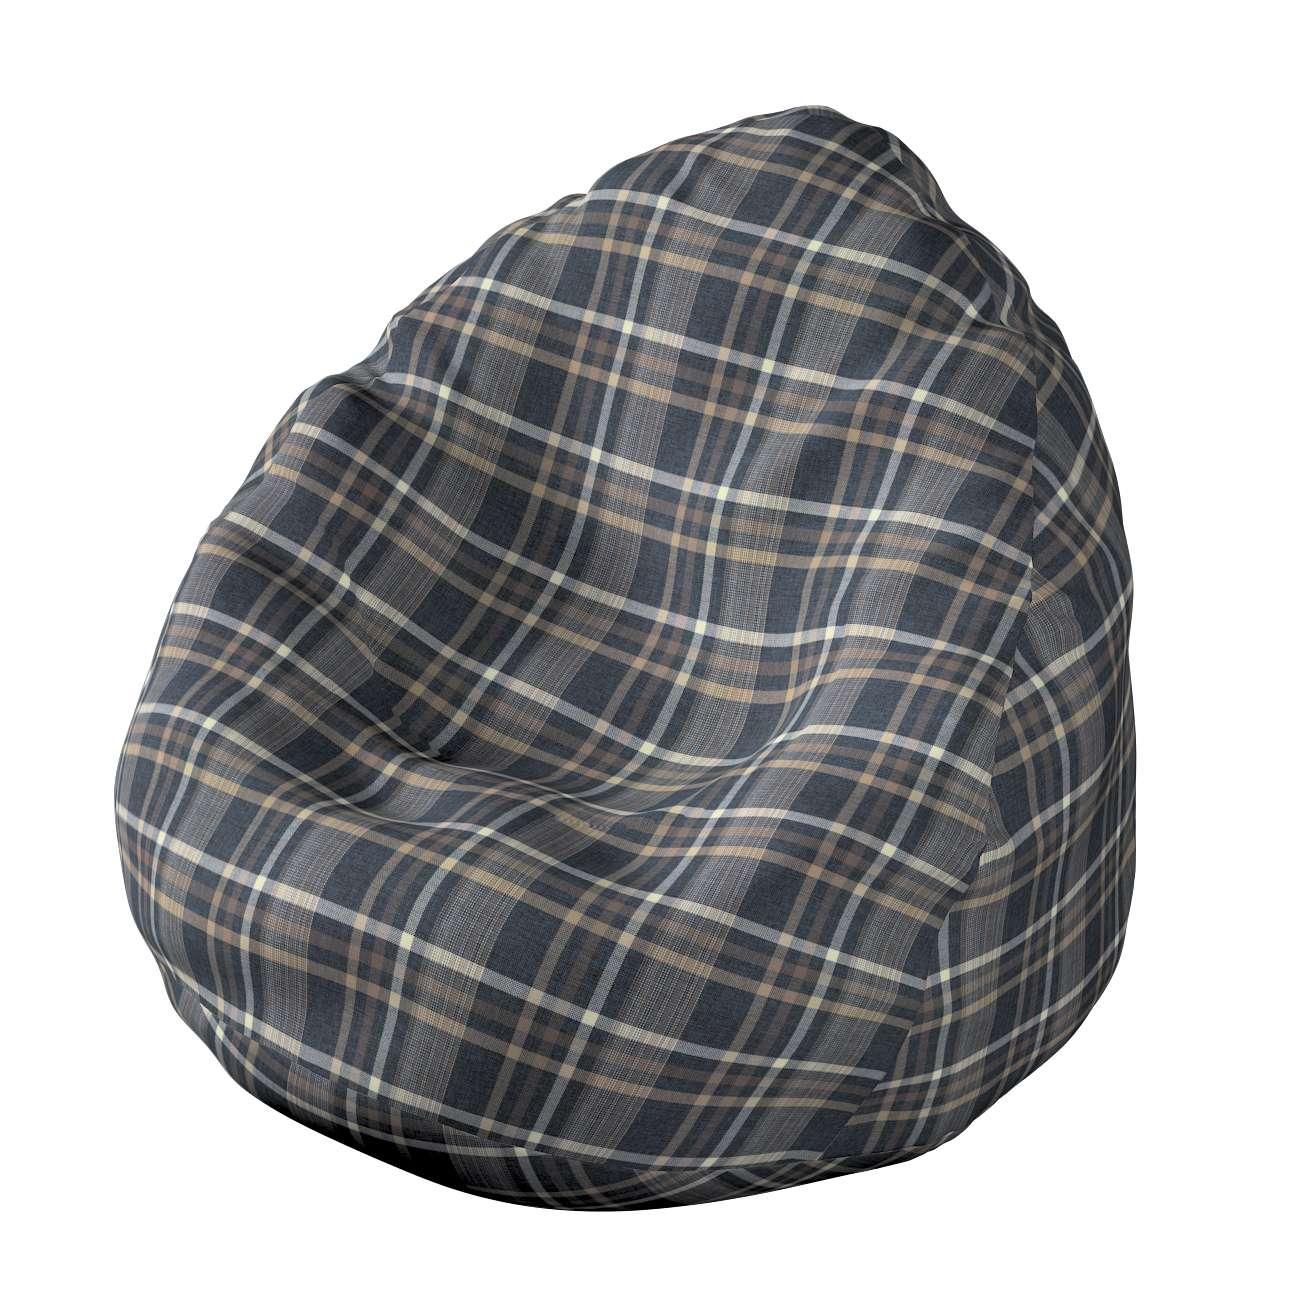 Bezug für Sitzsack von der Kollektion Edinburgh, Stoff: 703-16